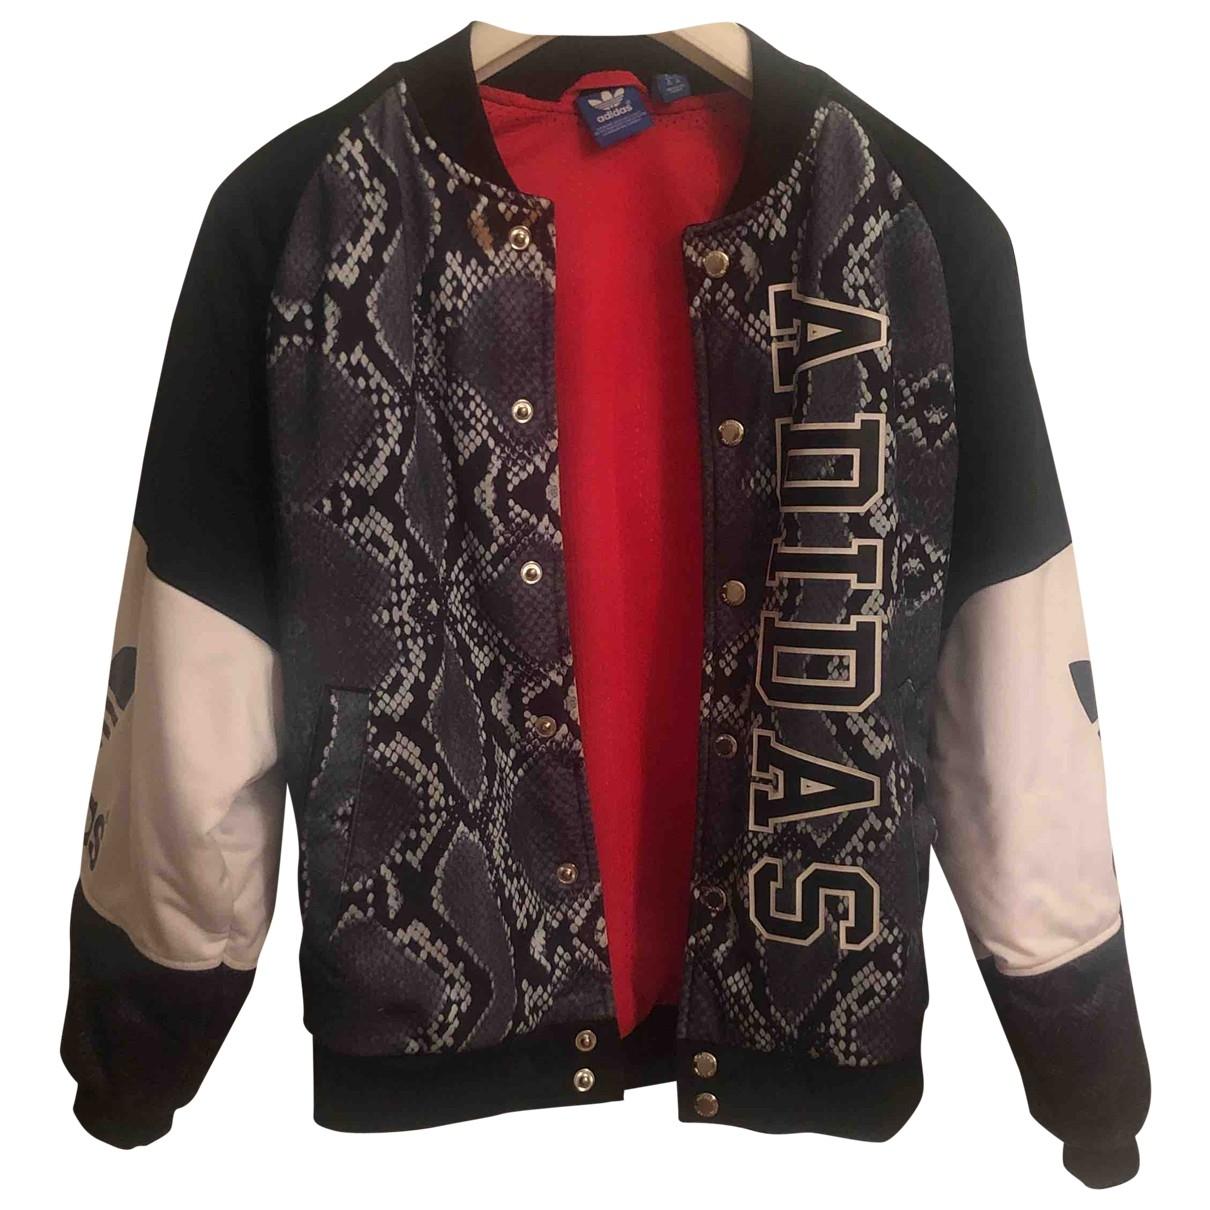 Adidas \N Black jacket for Women 34 FR